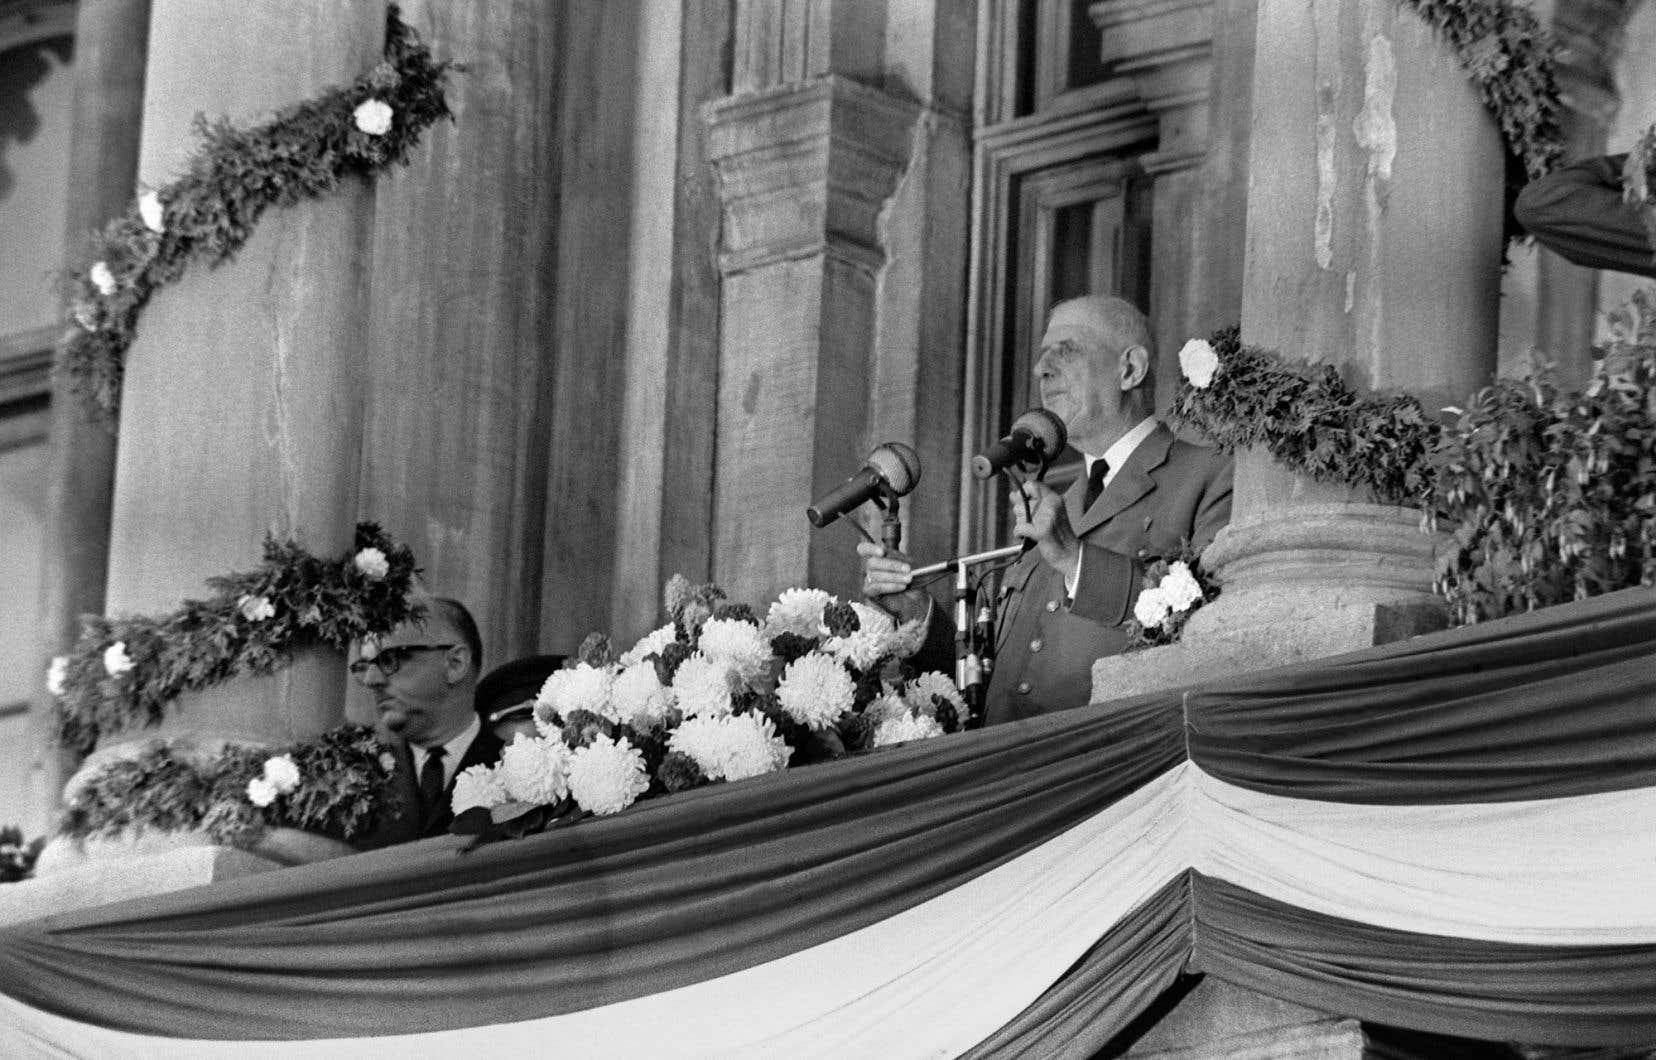 Le général Charles de Gaulle s'adresse à la foule lors de sa visite officielle à Québec, le 24 juillet 1967, depuis le balcon de la mairie de Montréal, où il a prononcé son discours célèbre sur l'indépendance de la province.